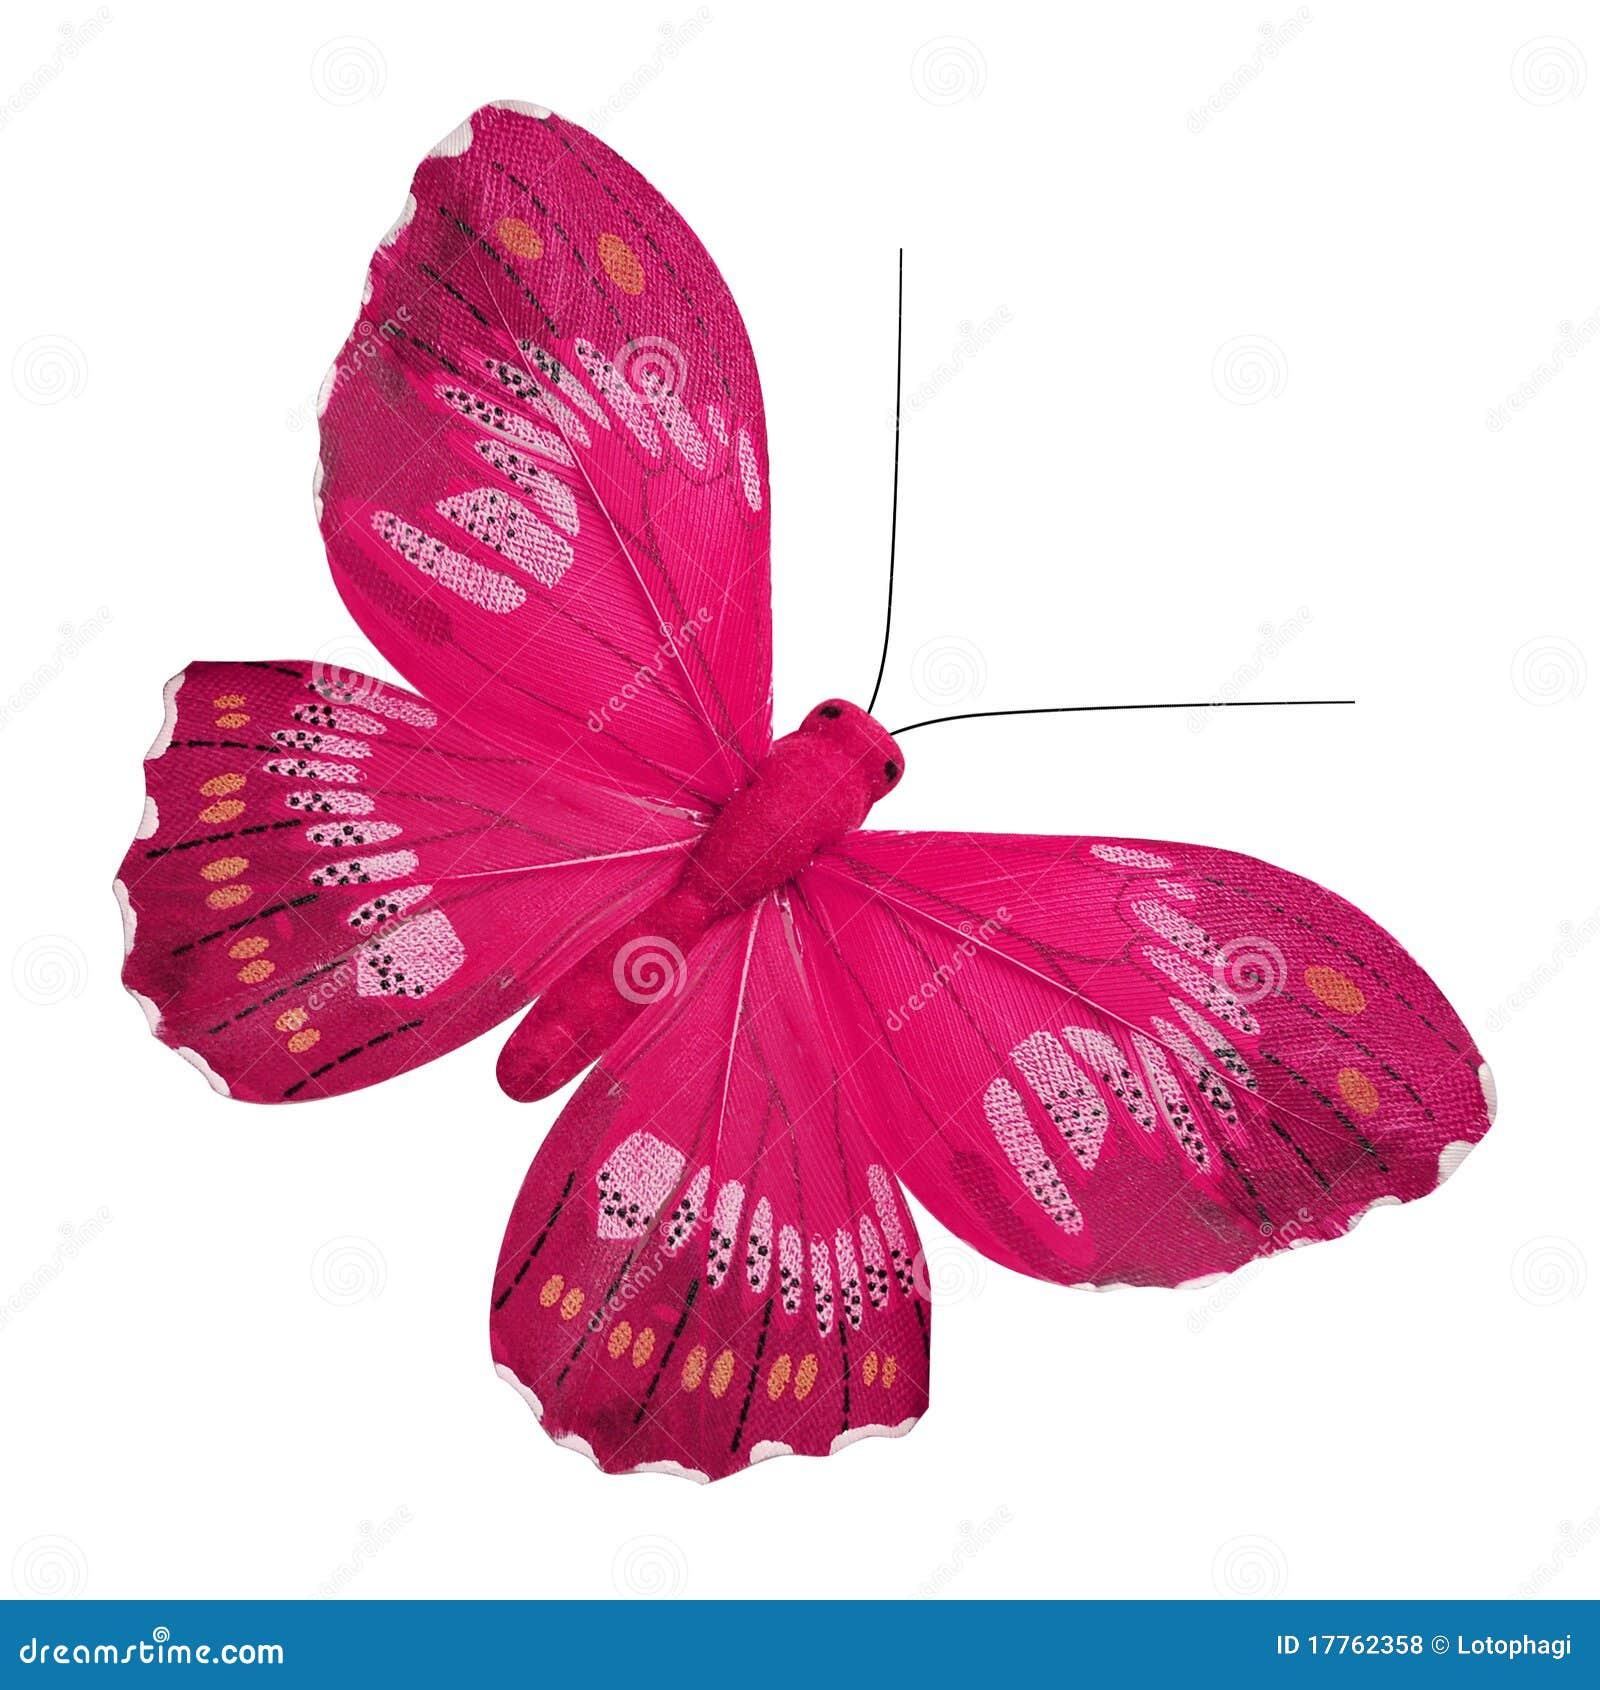 21 mooie kleurrijke vlinder - photo #40